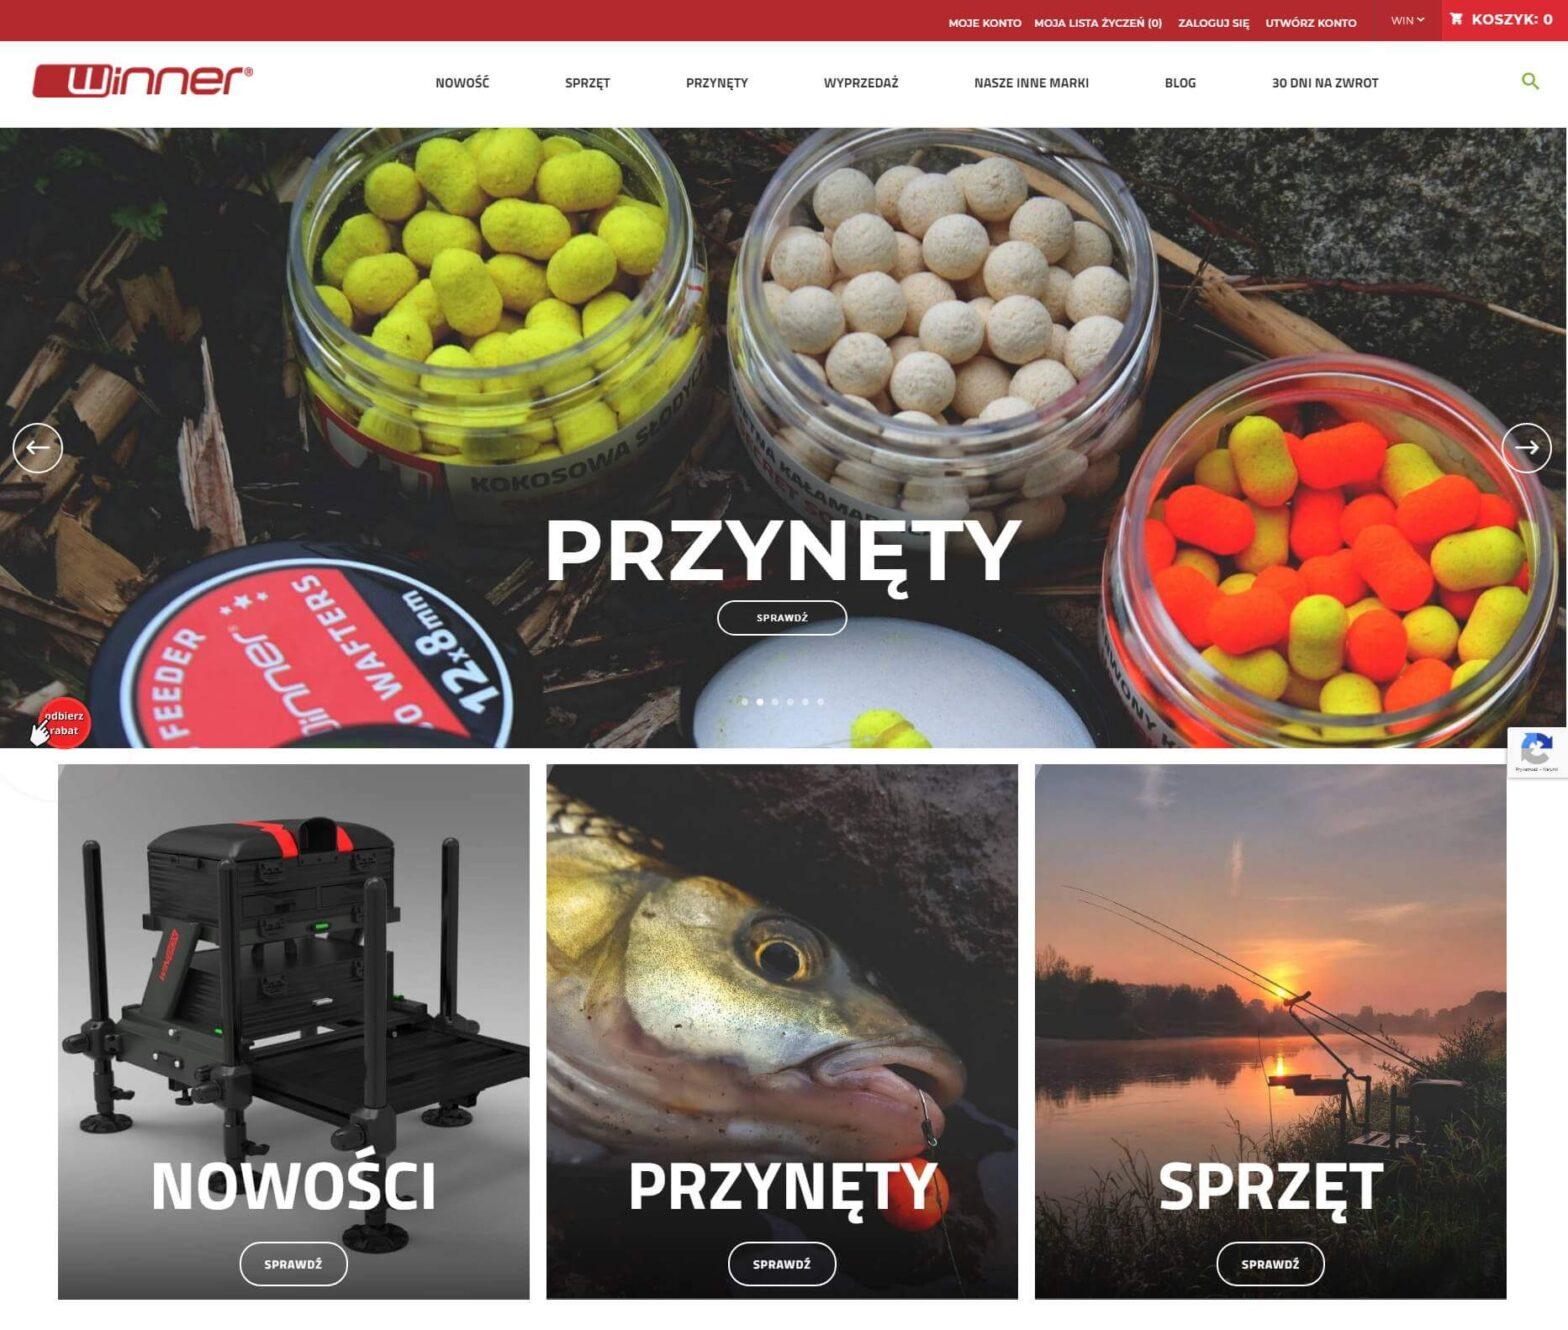 winnerfishing.com - Każdy wędkarz coś tu znajdzie